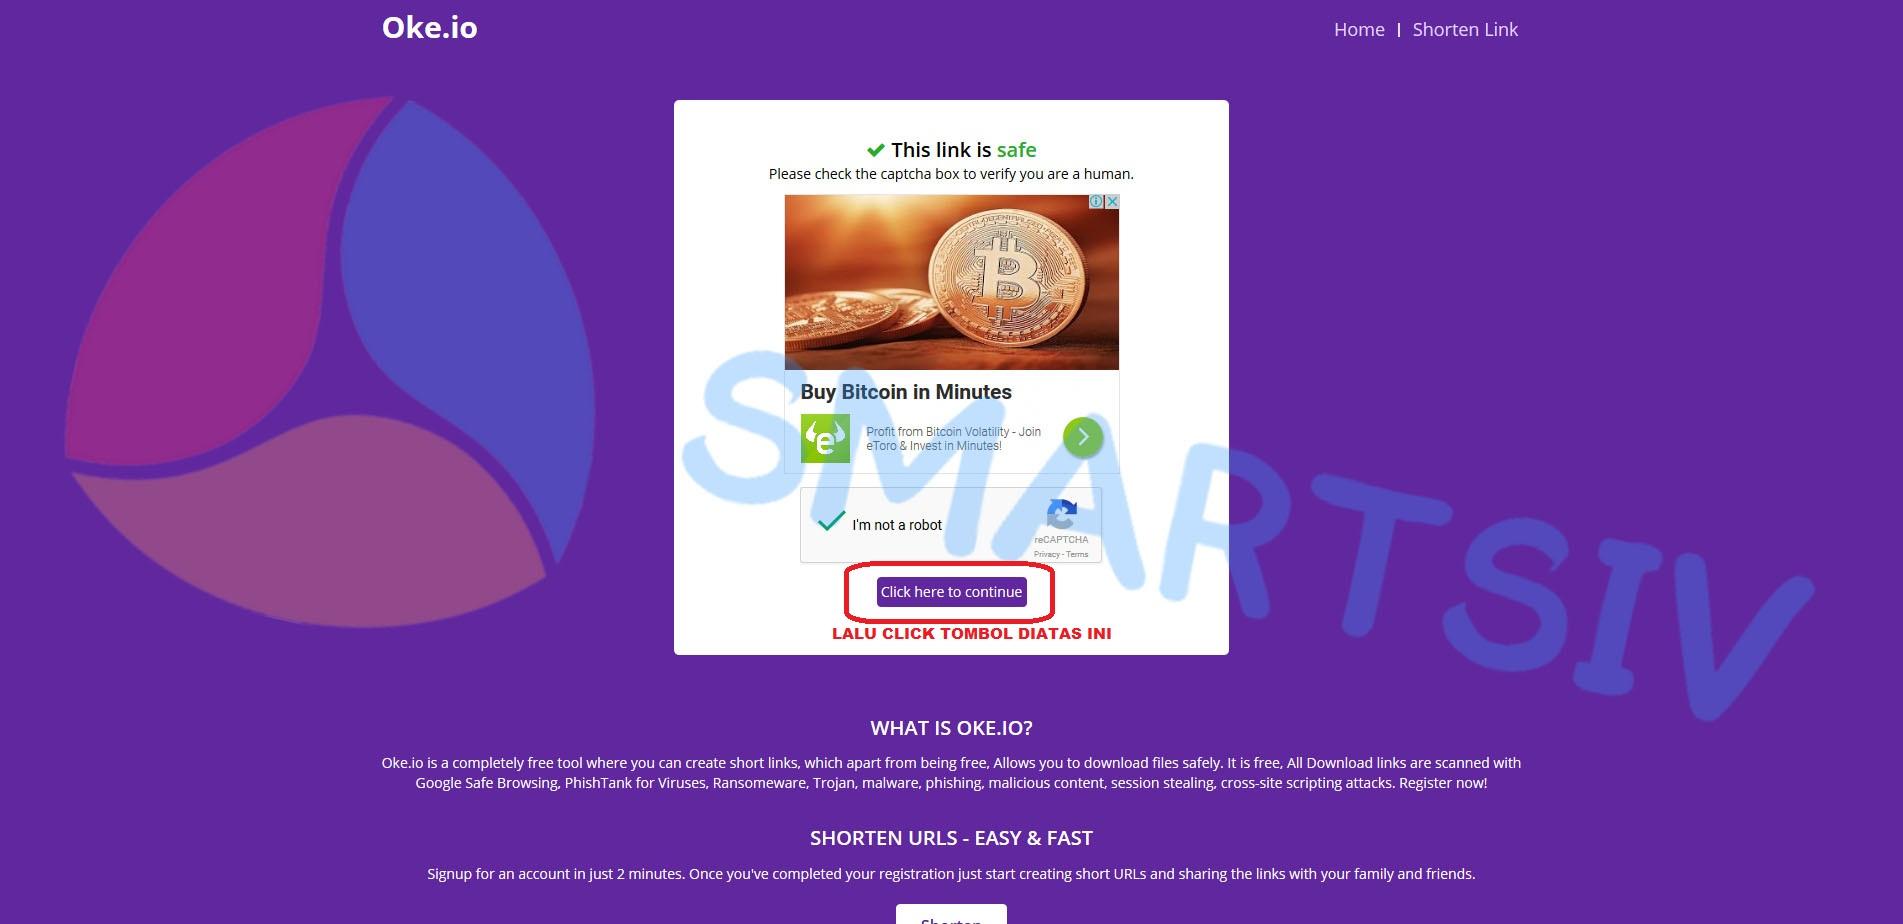 Cara Download Game Atau View Link Di SMARTSIV